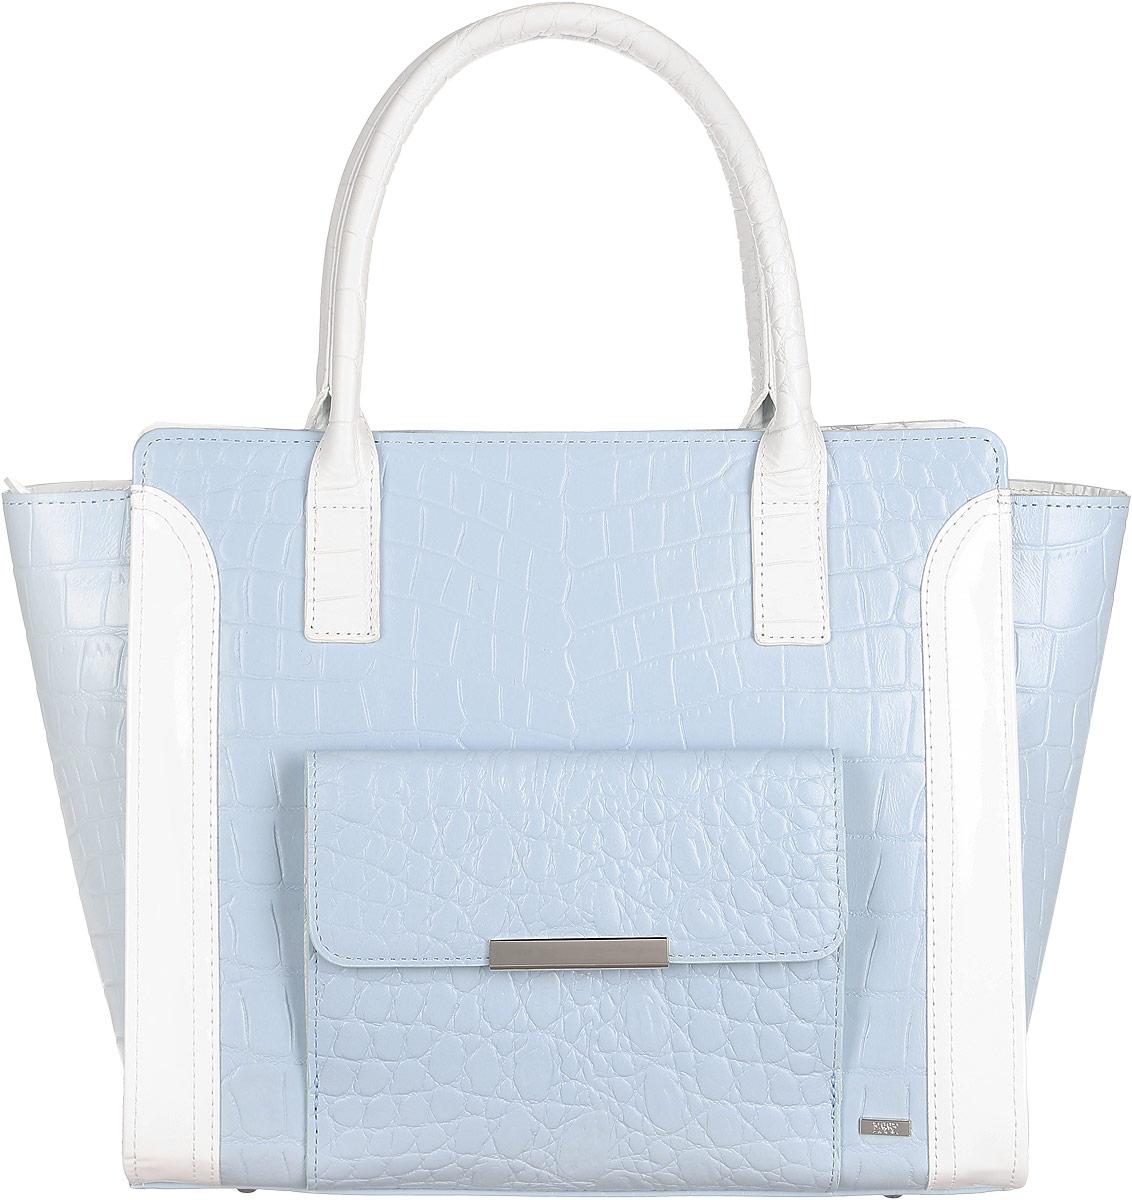 Сумка женская Esse Моника, цвет: голубой, белый. GMNC5U-00MG00-FF809O-K100S76245Стильная женская сумка в форме трапеции Esse Моника изготовлена из натуральной кожи с добавлением полиамида и полиуретана, оформлена тиснением под кожу крокодила и металлическим значком логотипа бренда. Модель создана для женщин, ценящих оригинальный дизайн в сочетании с функциональностью и комфортом.Сумка состоит из одного отделения и закрывается на пластиковую застежку-молнию. Отделение содержит нашивной карман для телефона и мелочей, а также врезной карман на молнии. Снаружи, на лицевой стороне изделия, расположен накладной карман с клапаном на магнитной кнопке. На задней стенке врезной карман на молнии. Сумка оснащена двумя удобными ручками для переноски в руке или на запястье. Дно сумки дополнено металлическими ножками, которые защищают изделие от повреждений.Прилагается текстильный фирменный чехол для хранения.Оригинальный аксессуар позволит вам завершить образ и быть неотразимой.